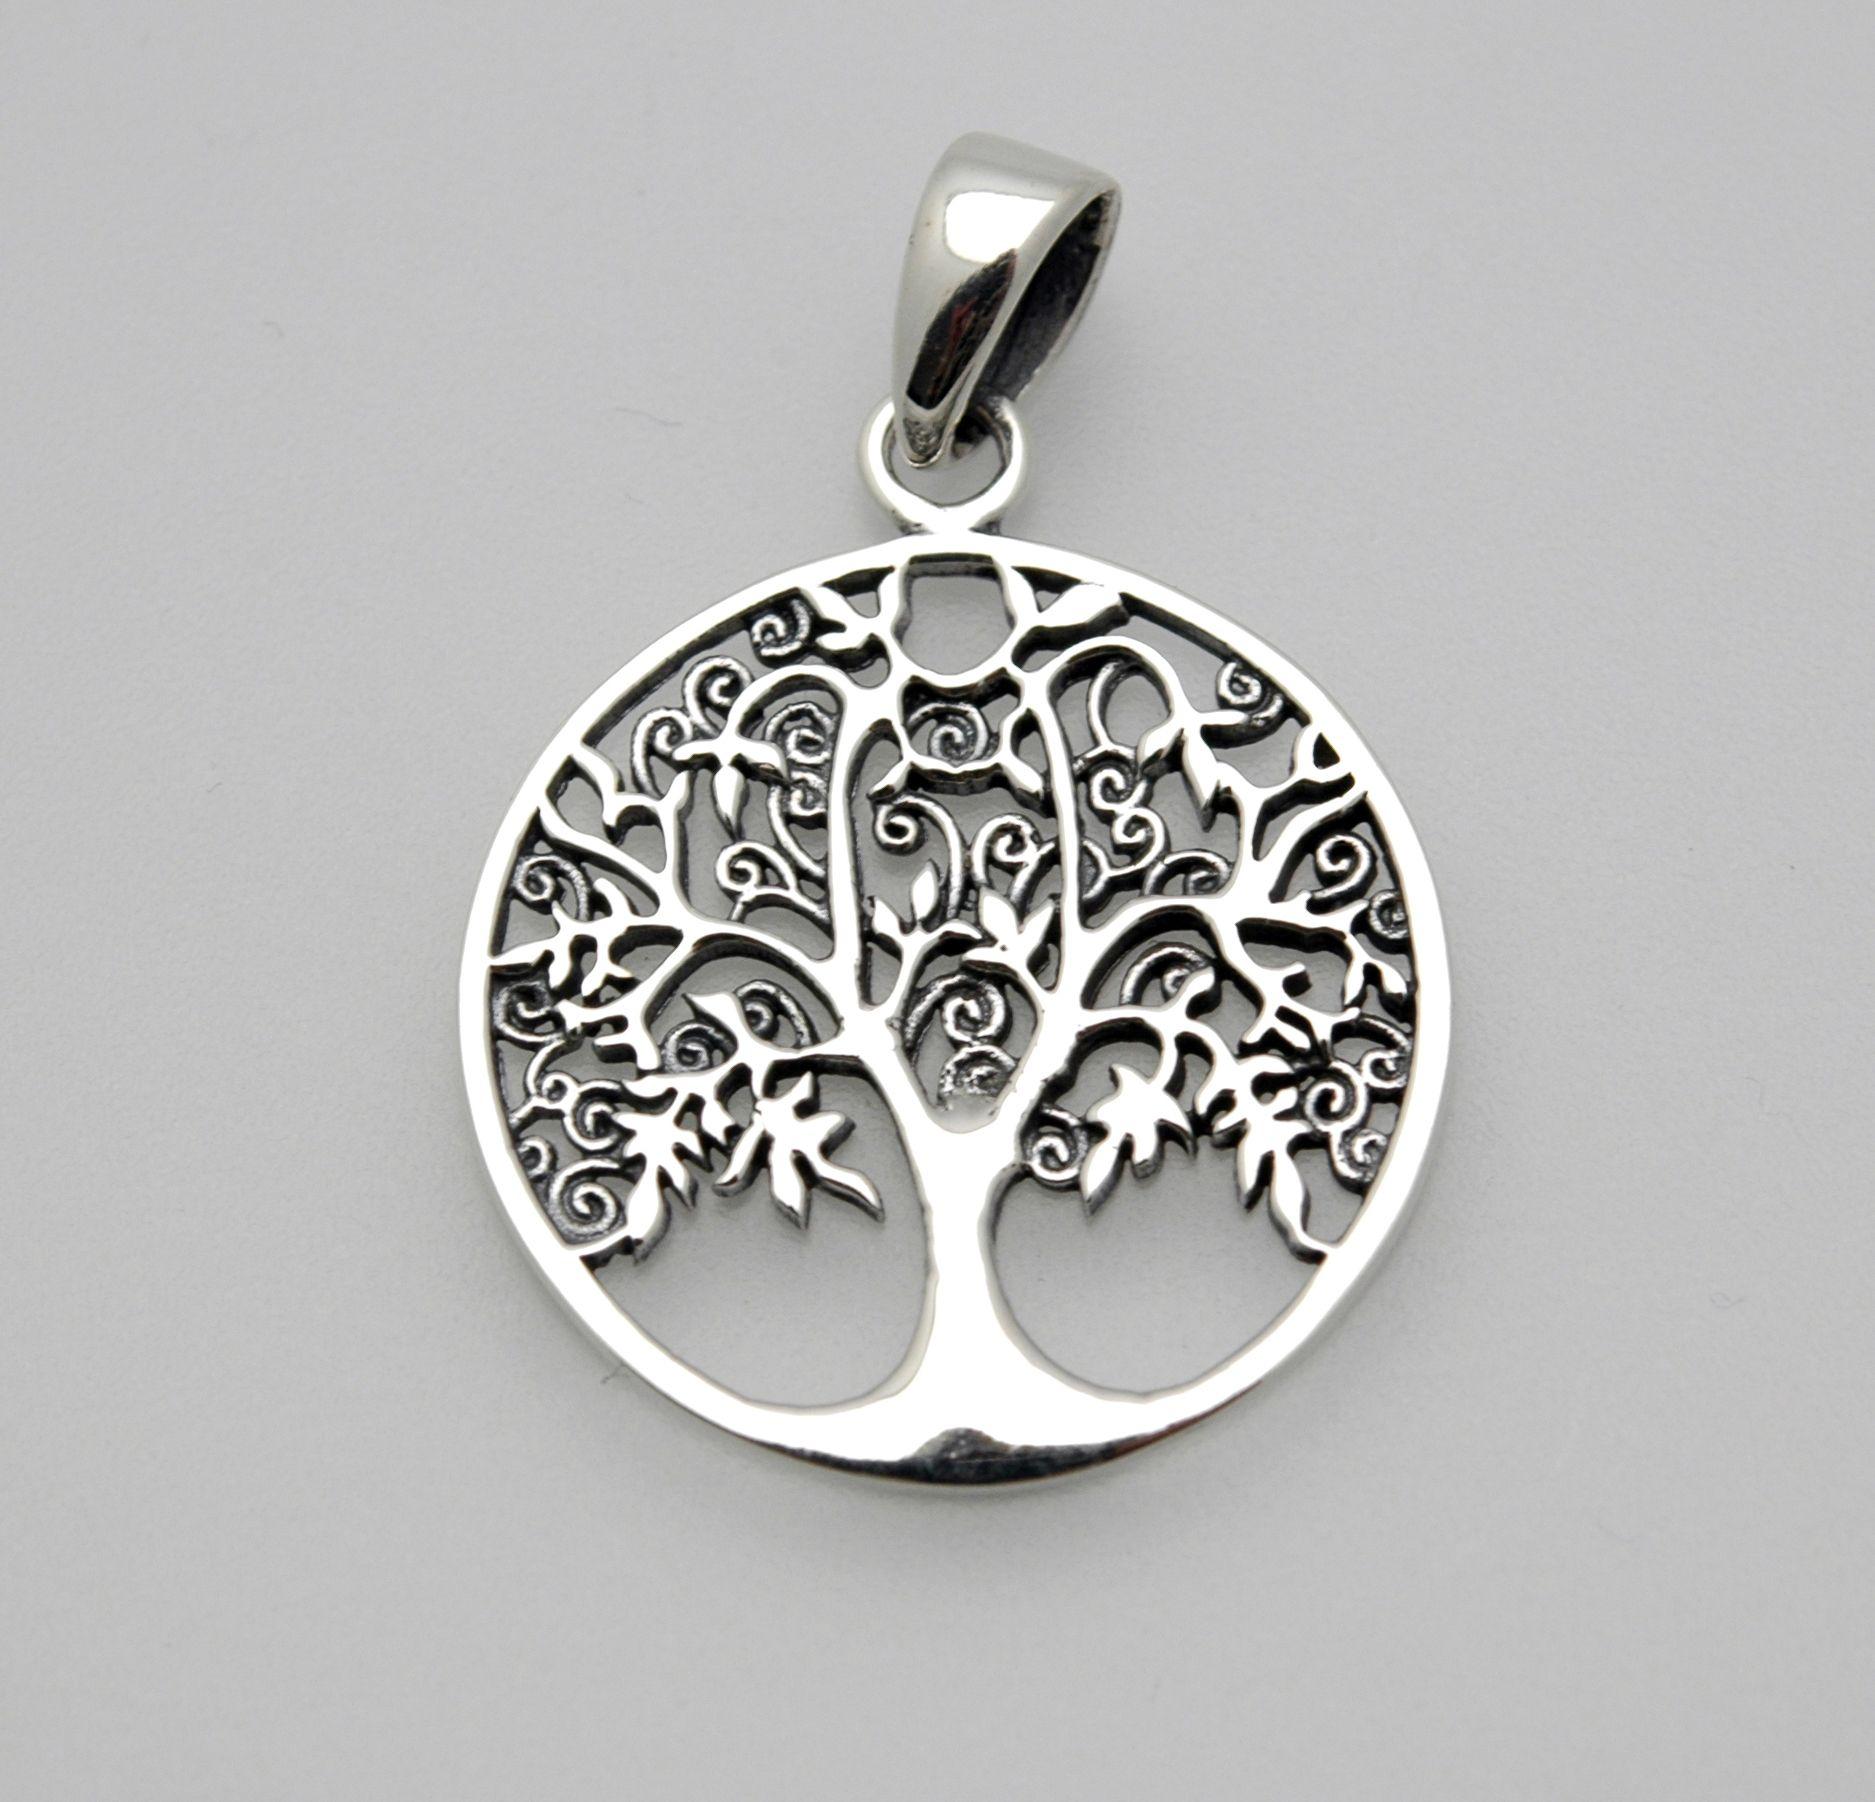 pendentif arbre de vie bijoux pendentif arbre de vie. Black Bedroom Furniture Sets. Home Design Ideas